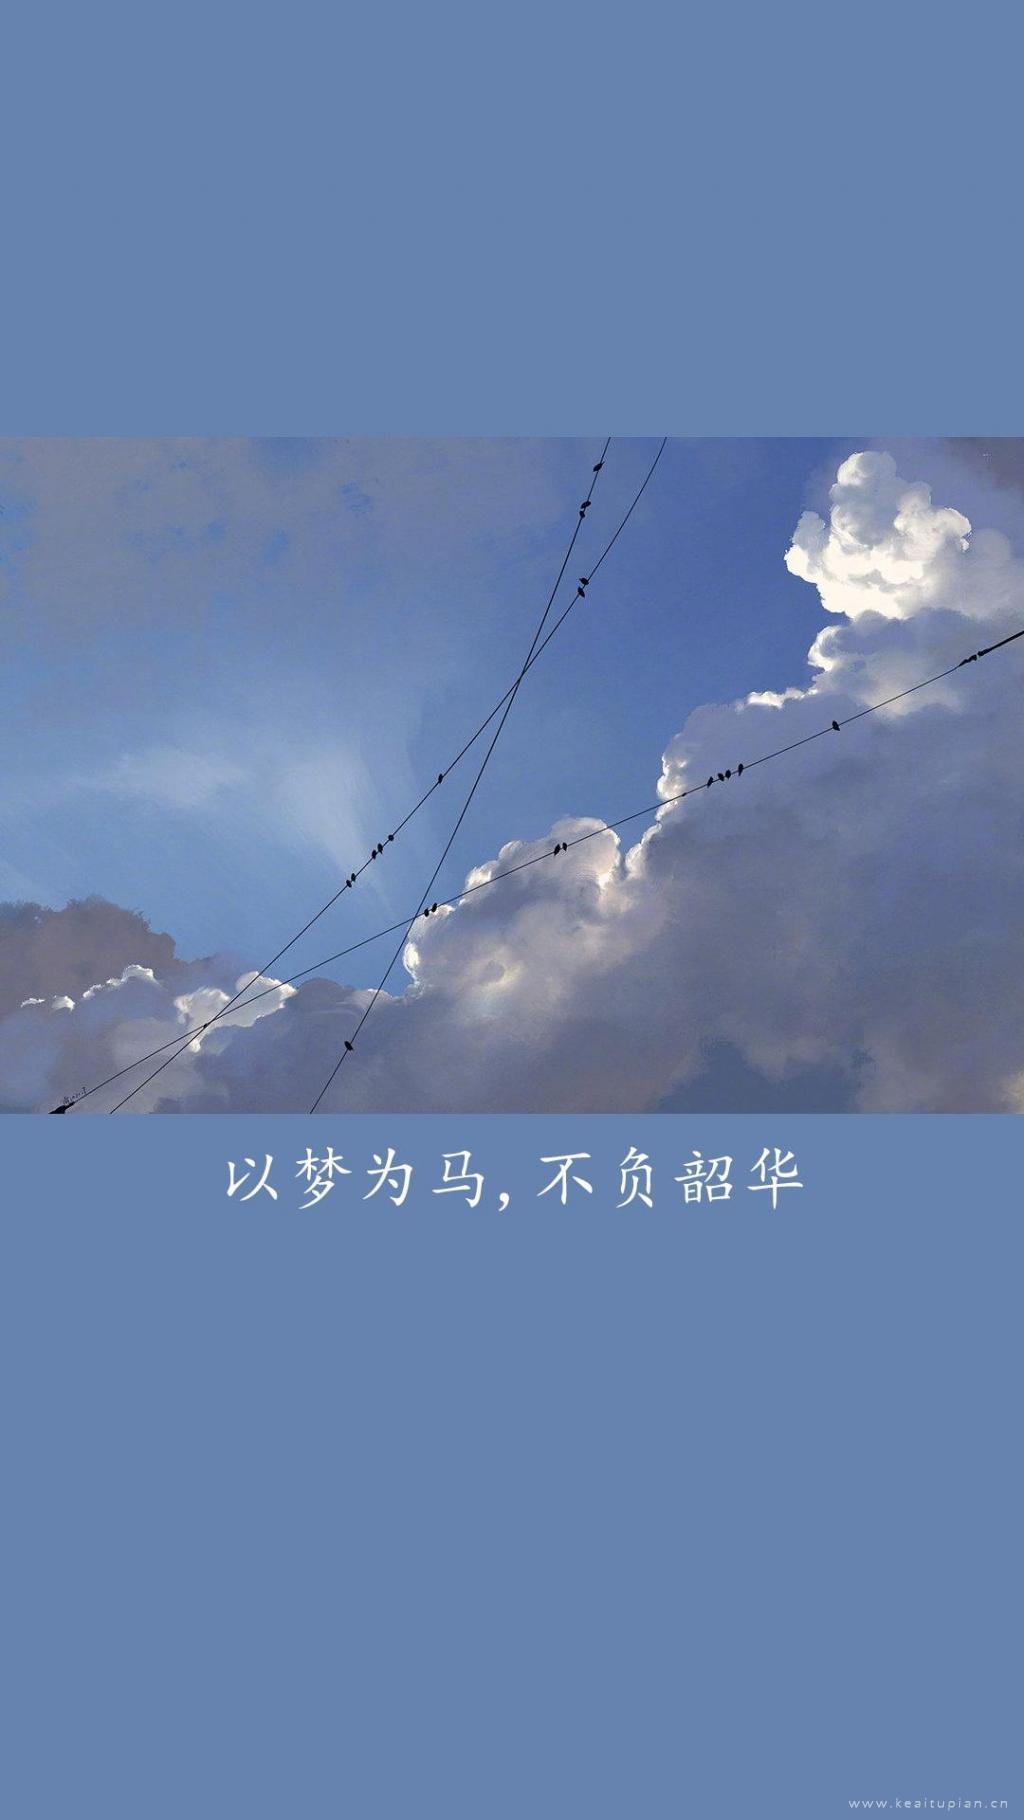 以梦为马不负韵华超美白云风景励志早安壁纸图